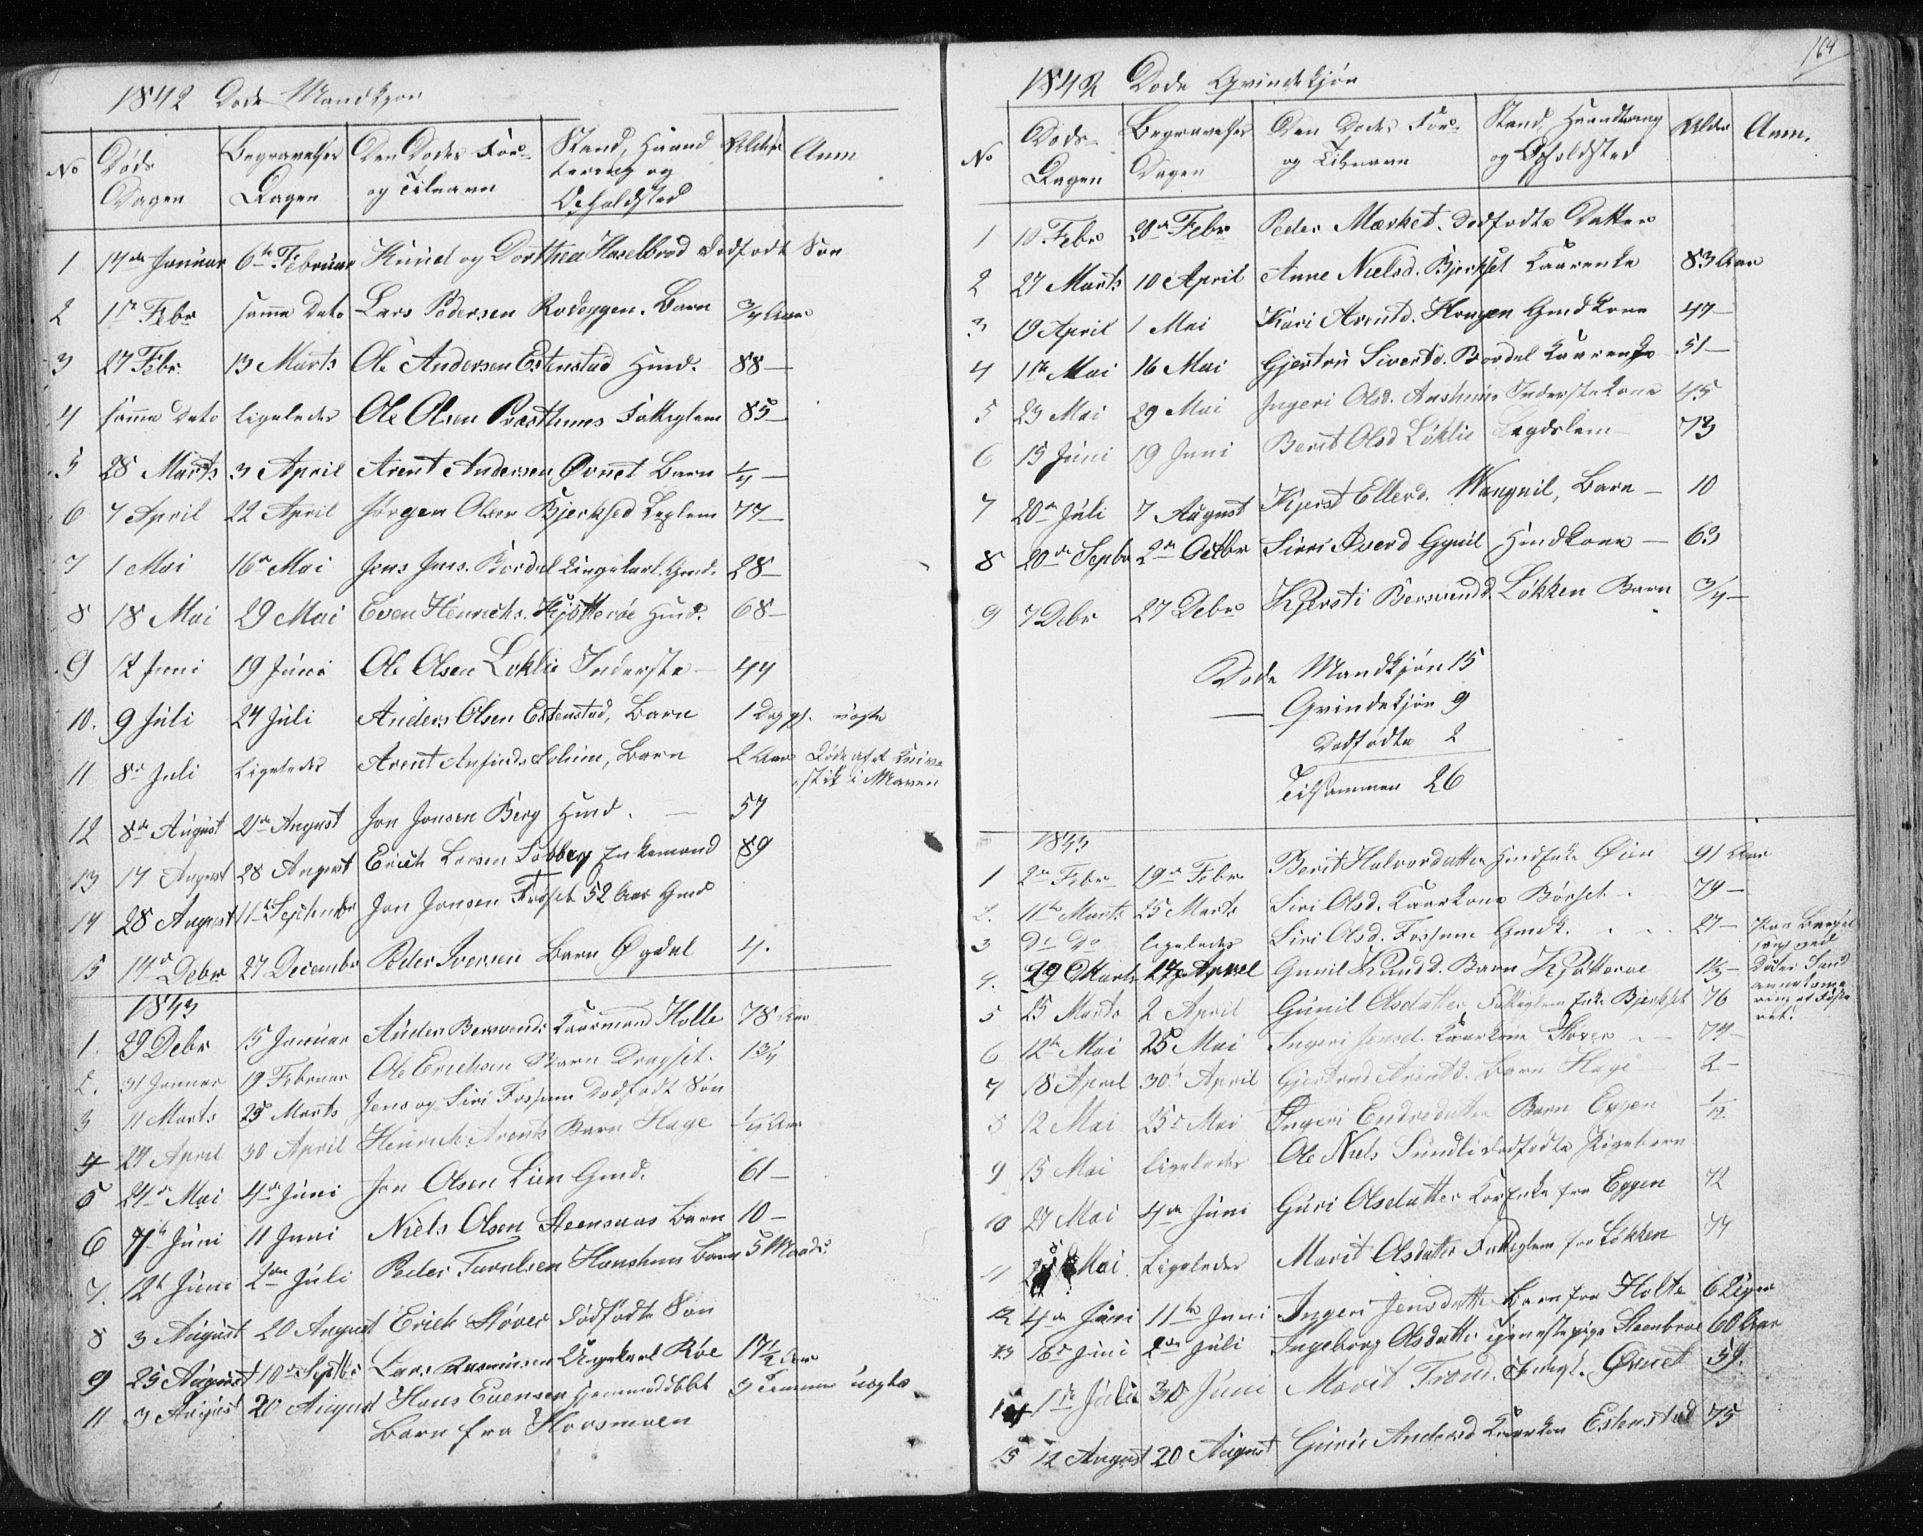 SAT, Ministerialprotokoller, klokkerbøker og fødselsregistre - Sør-Trøndelag, 689/L1043: Klokkerbok nr. 689C02, 1816-1892, s. 164